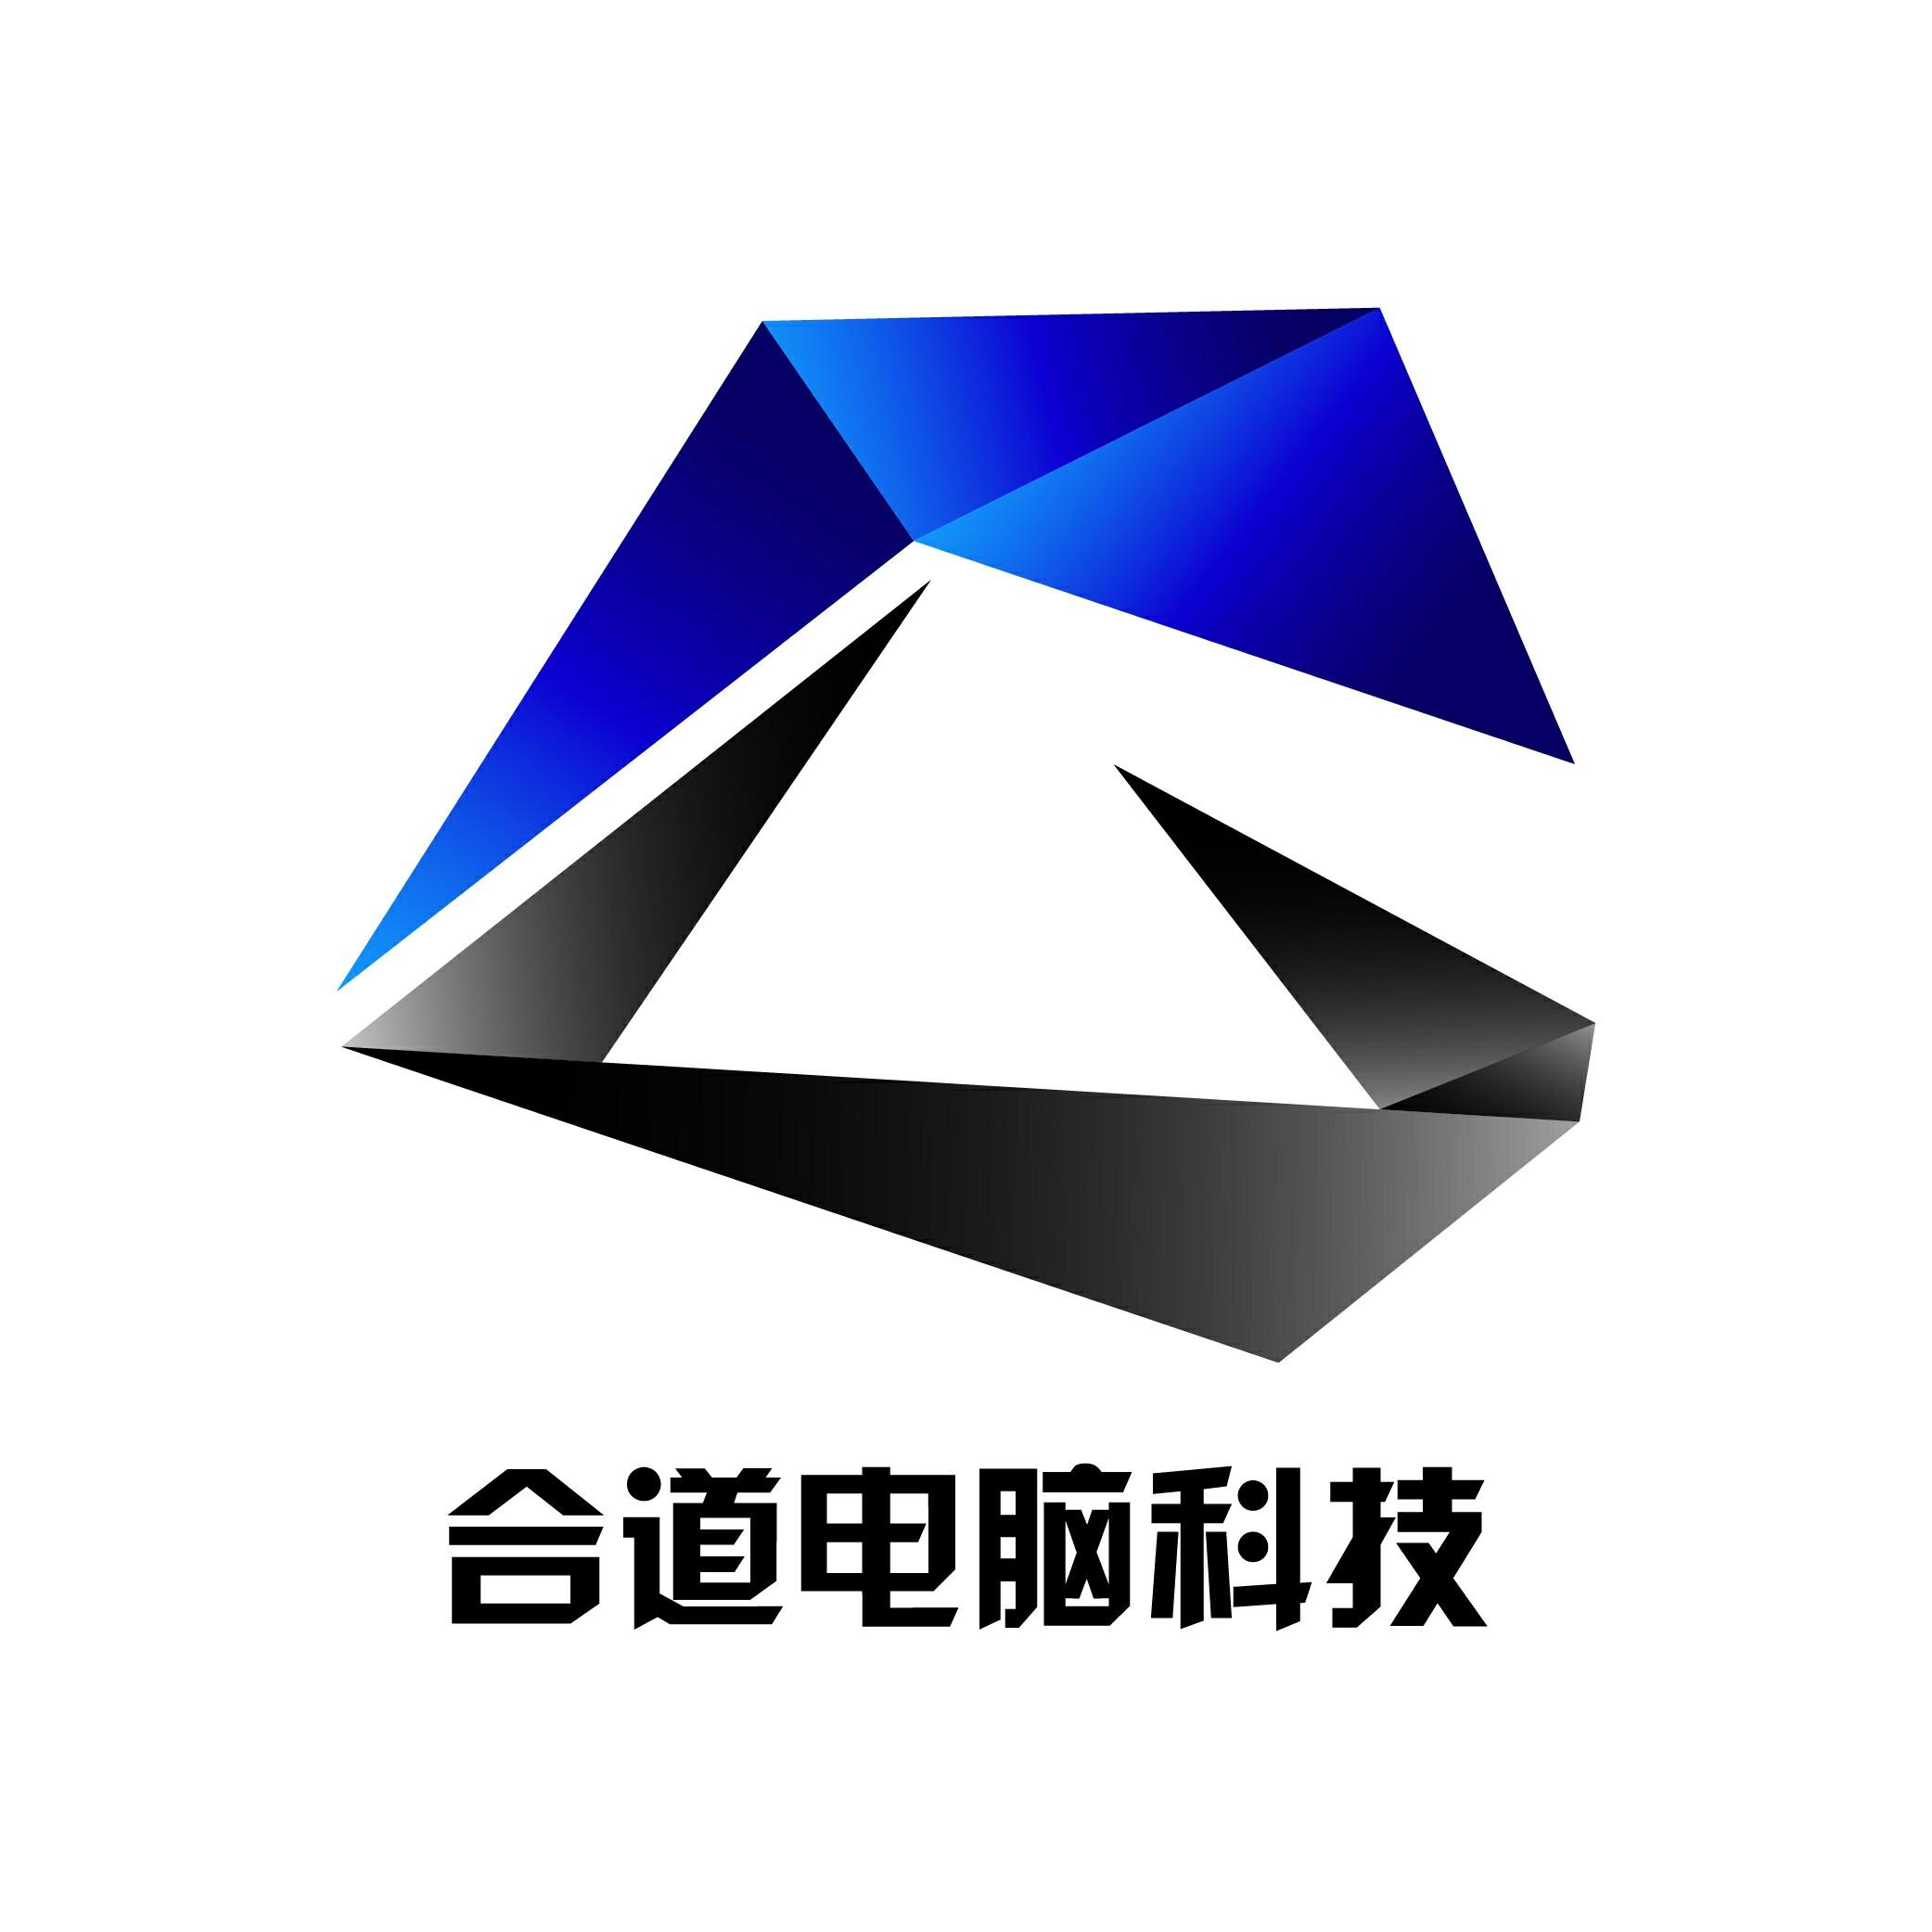 华硕logo微信头像